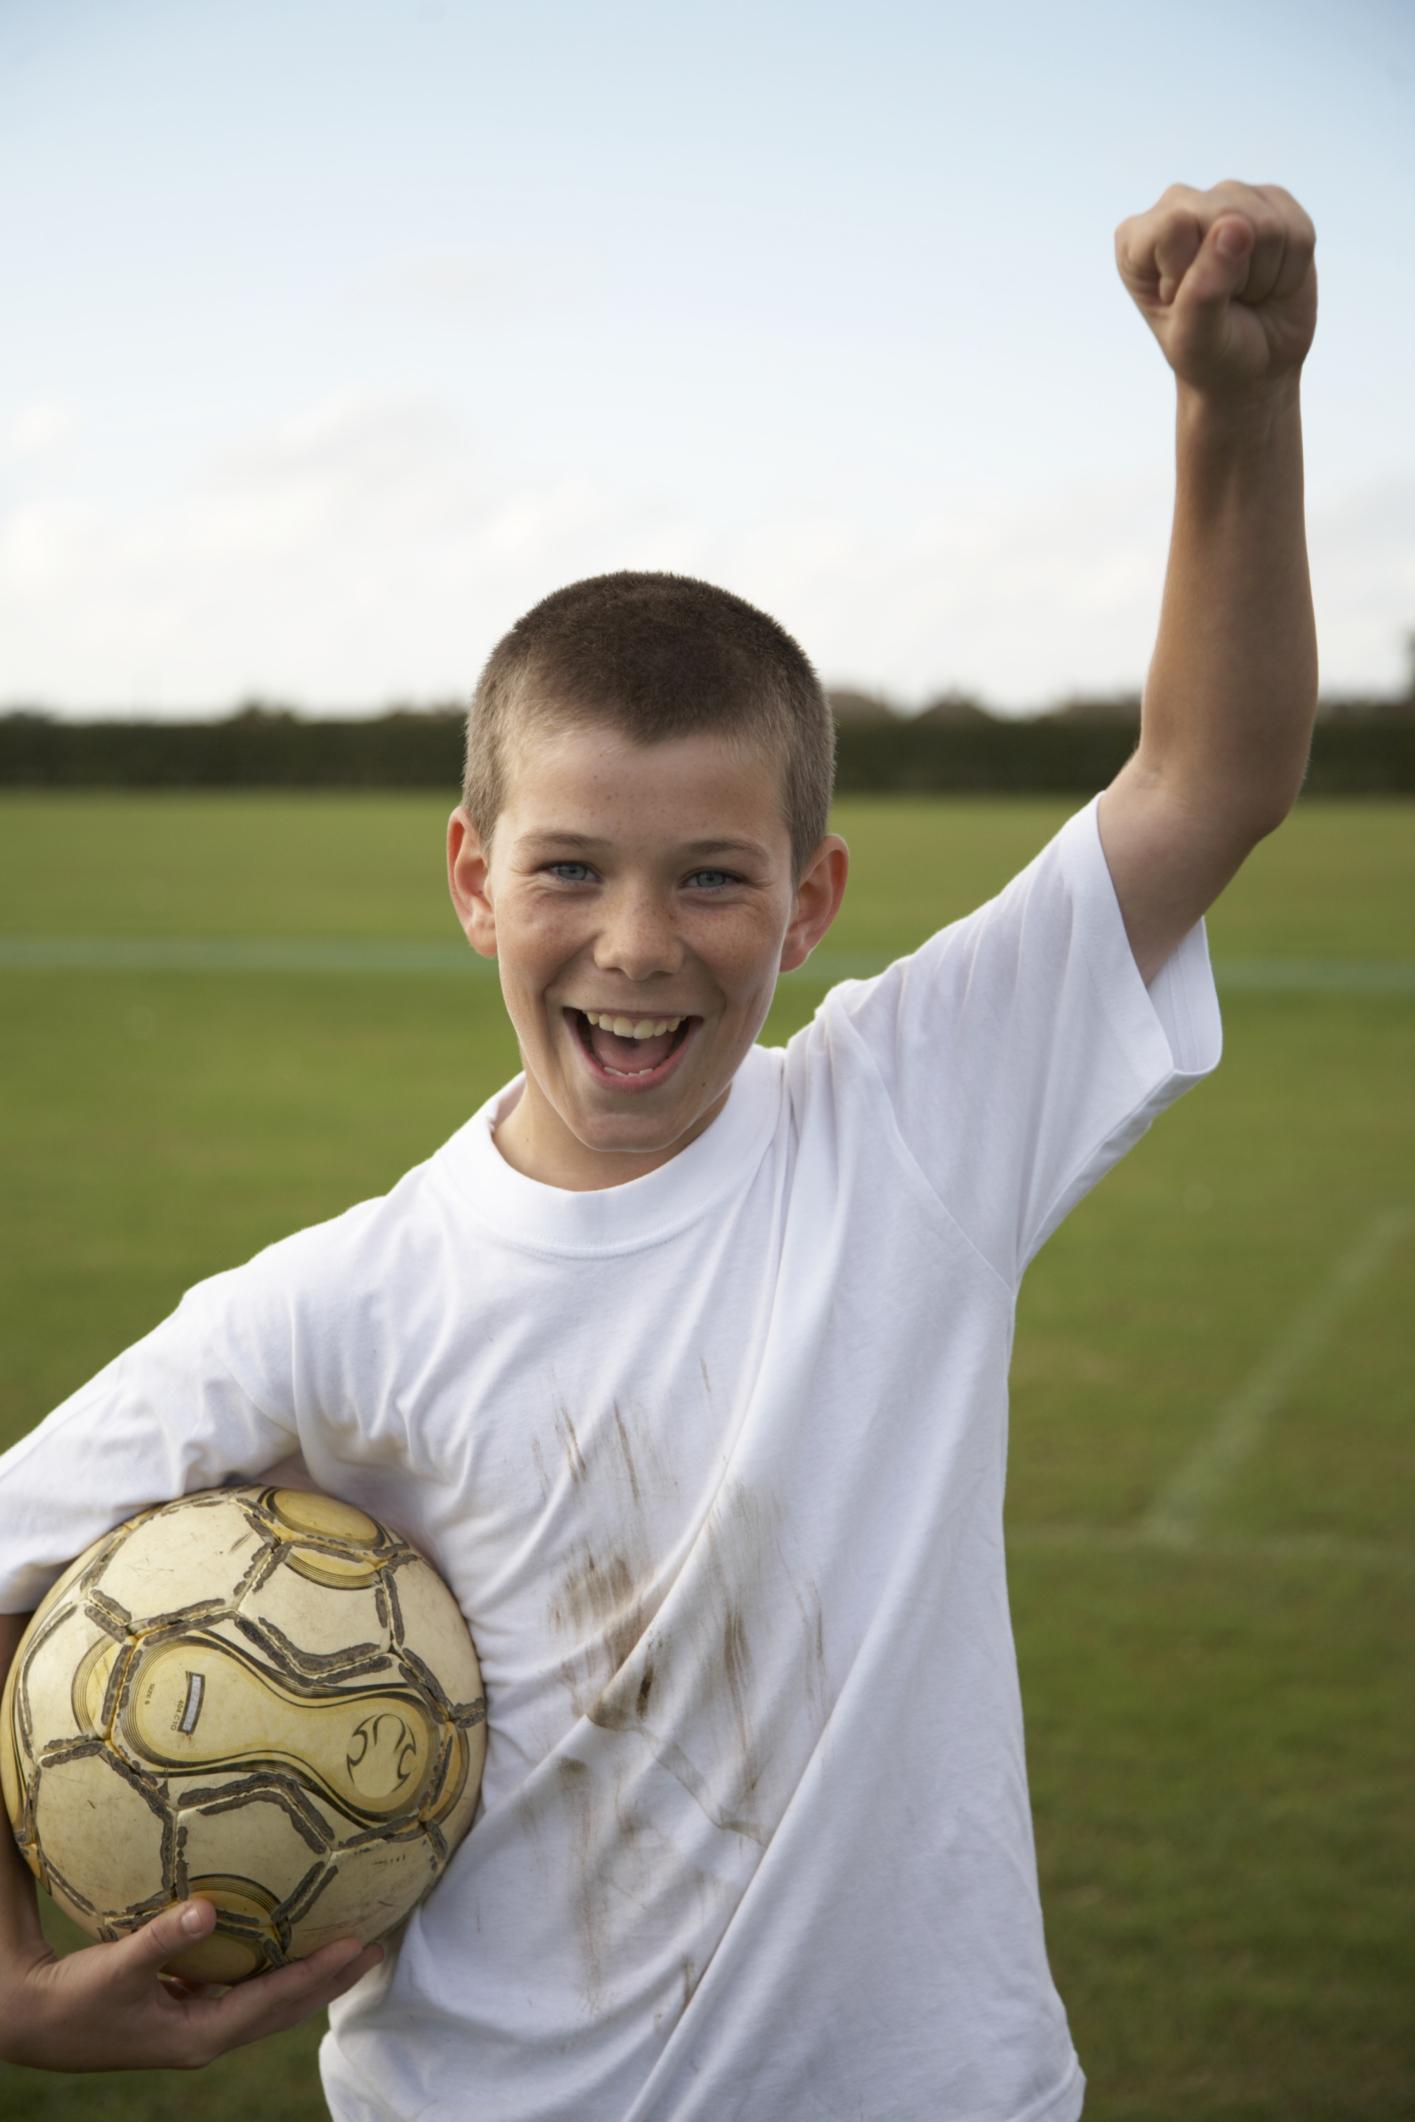 Regras básicas do futebol para crianças  563ee42f98b75